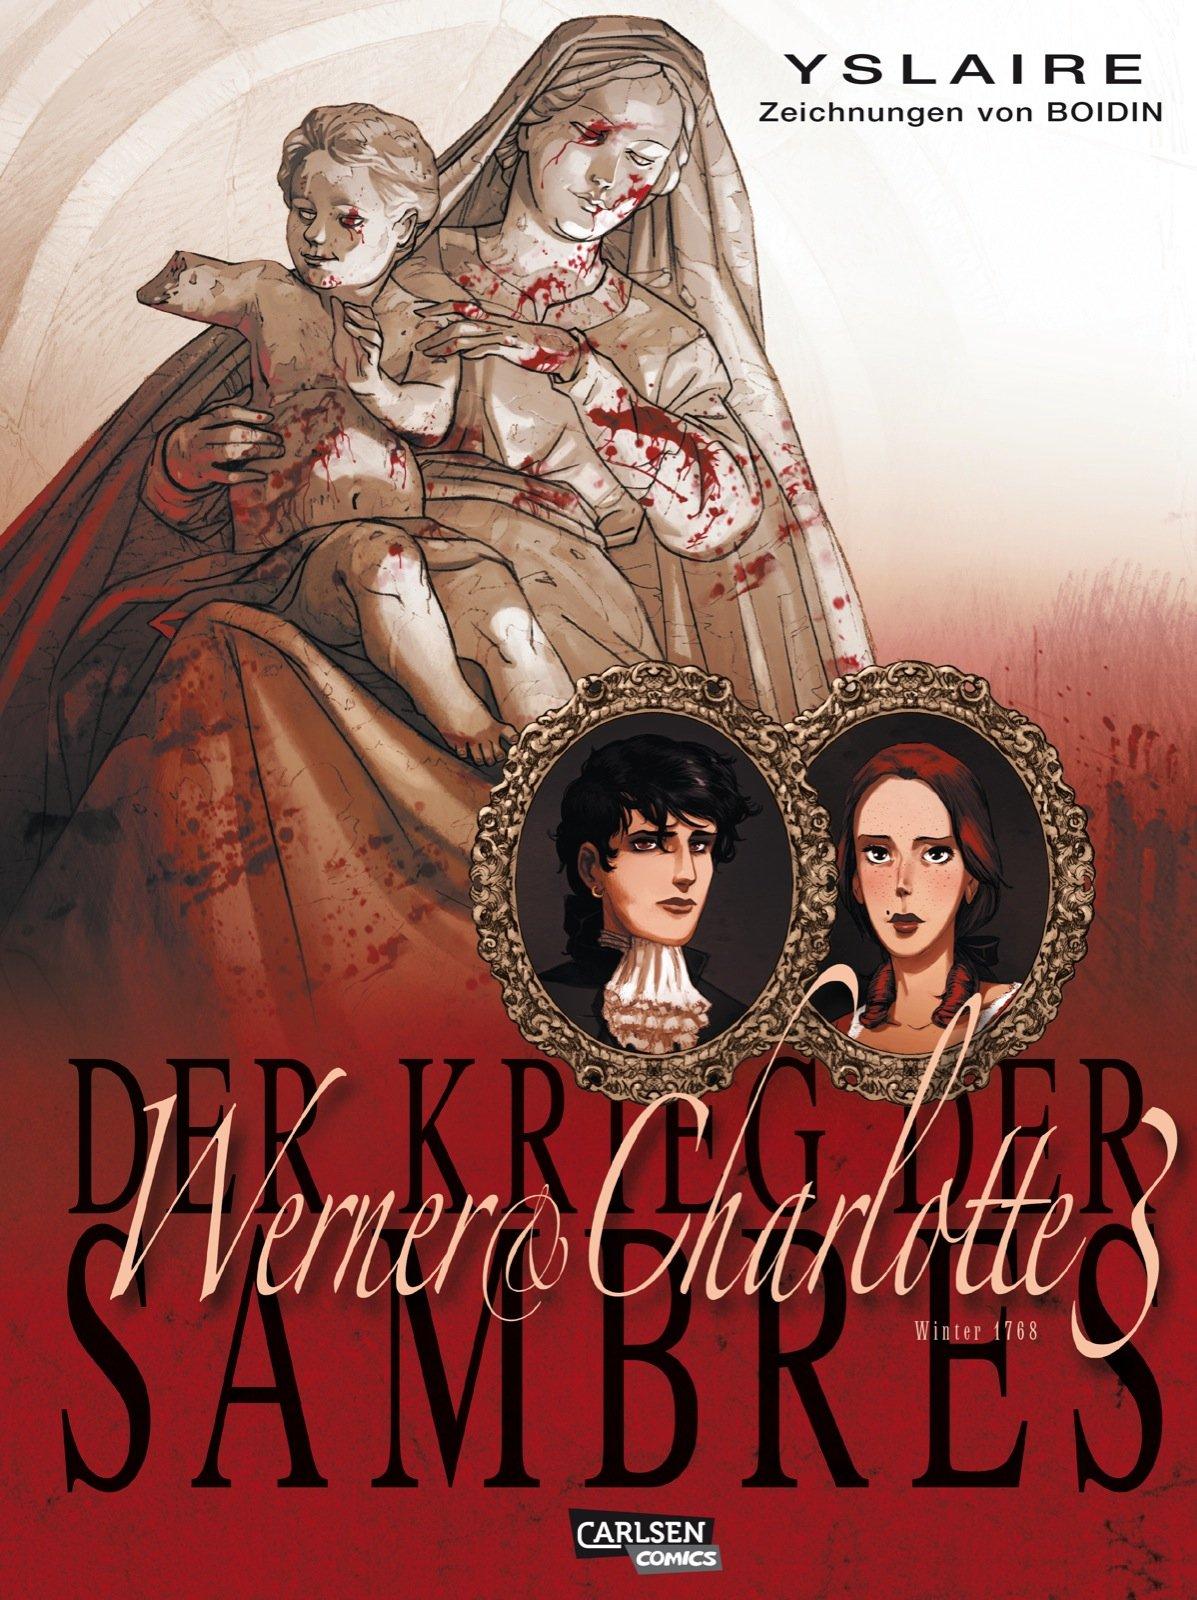 Werner & Charlotte 3: Euer Kind, Gräfin. (Krieg der Sambres, Band 6)